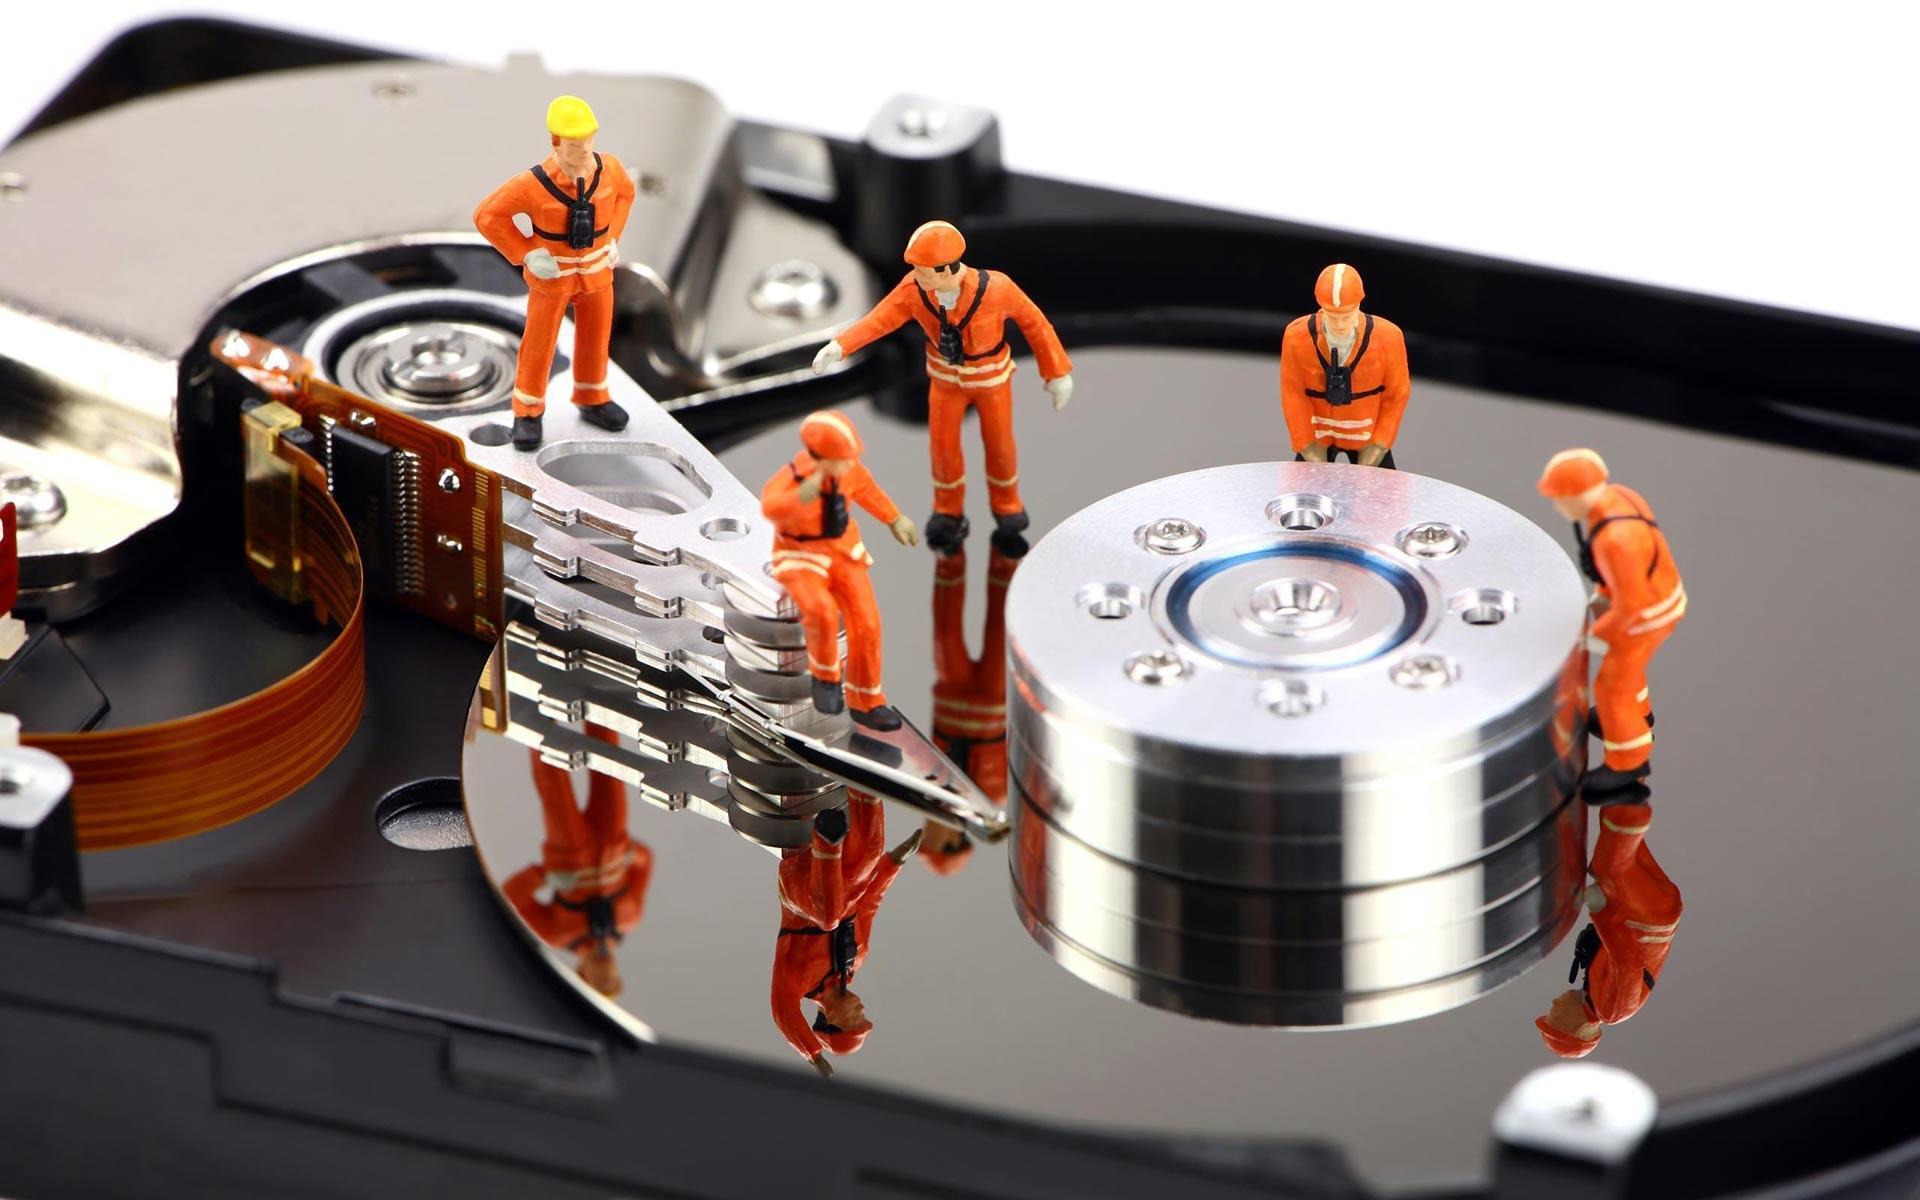 Как восстановить данные с жесткого диска?